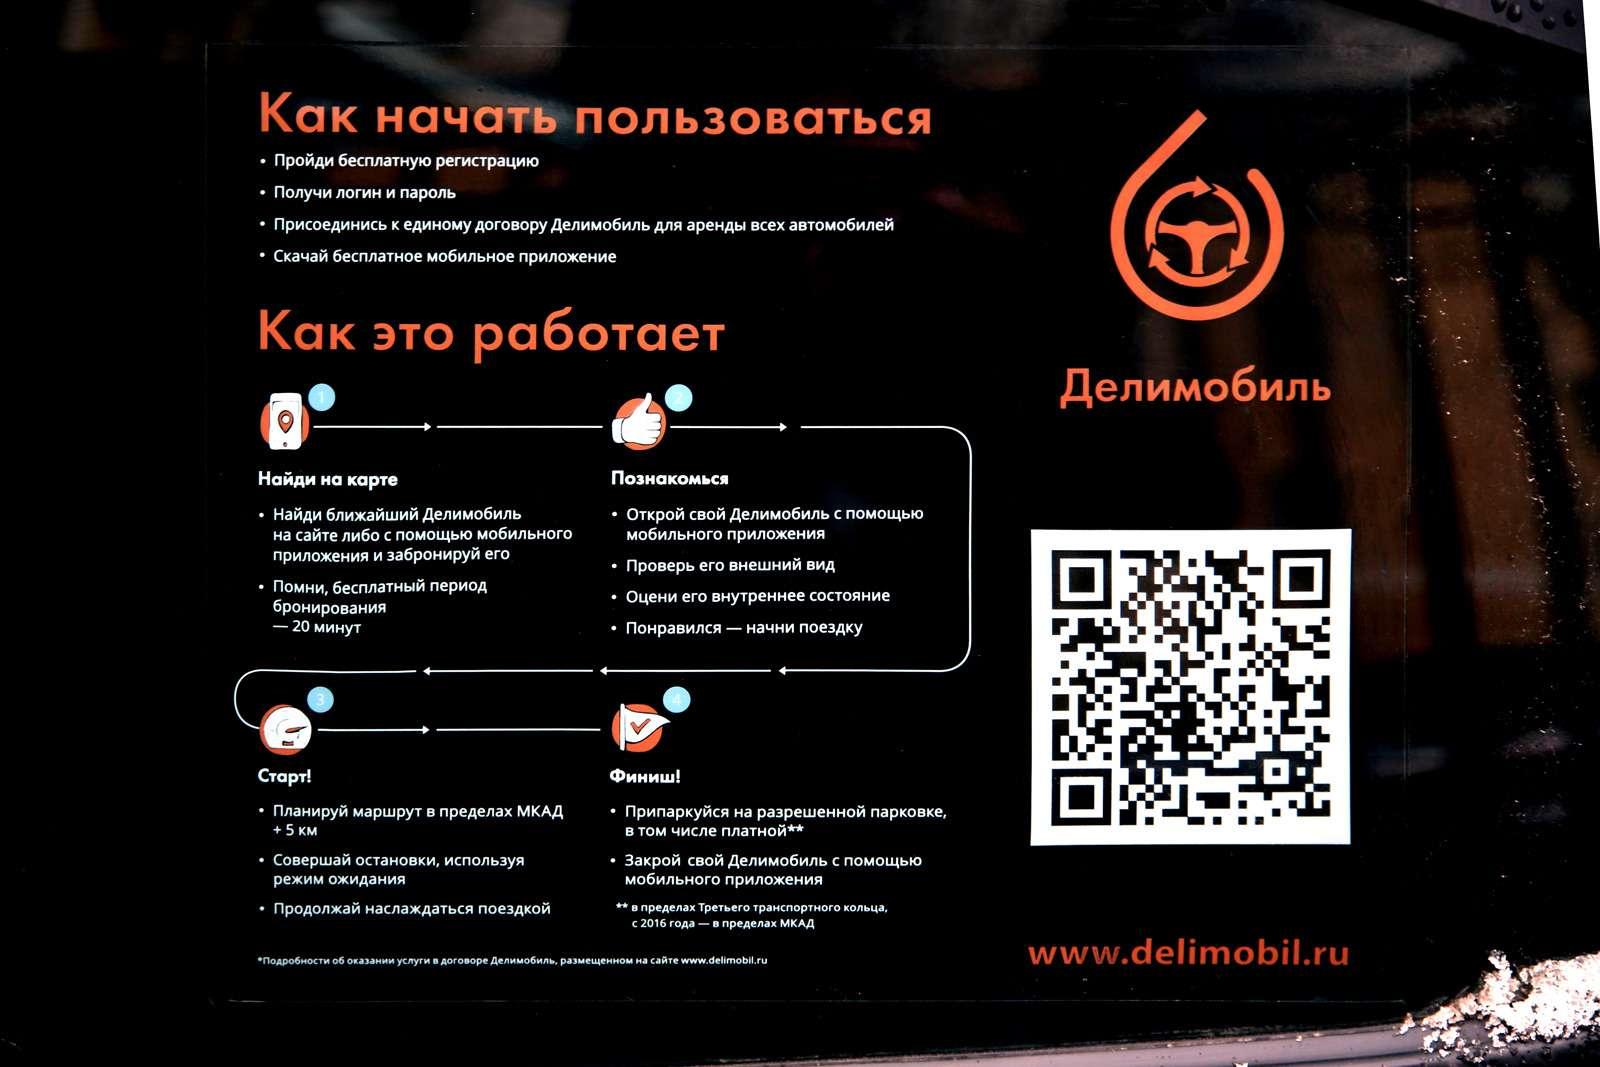 07-DELIAVTO_zr-01_16